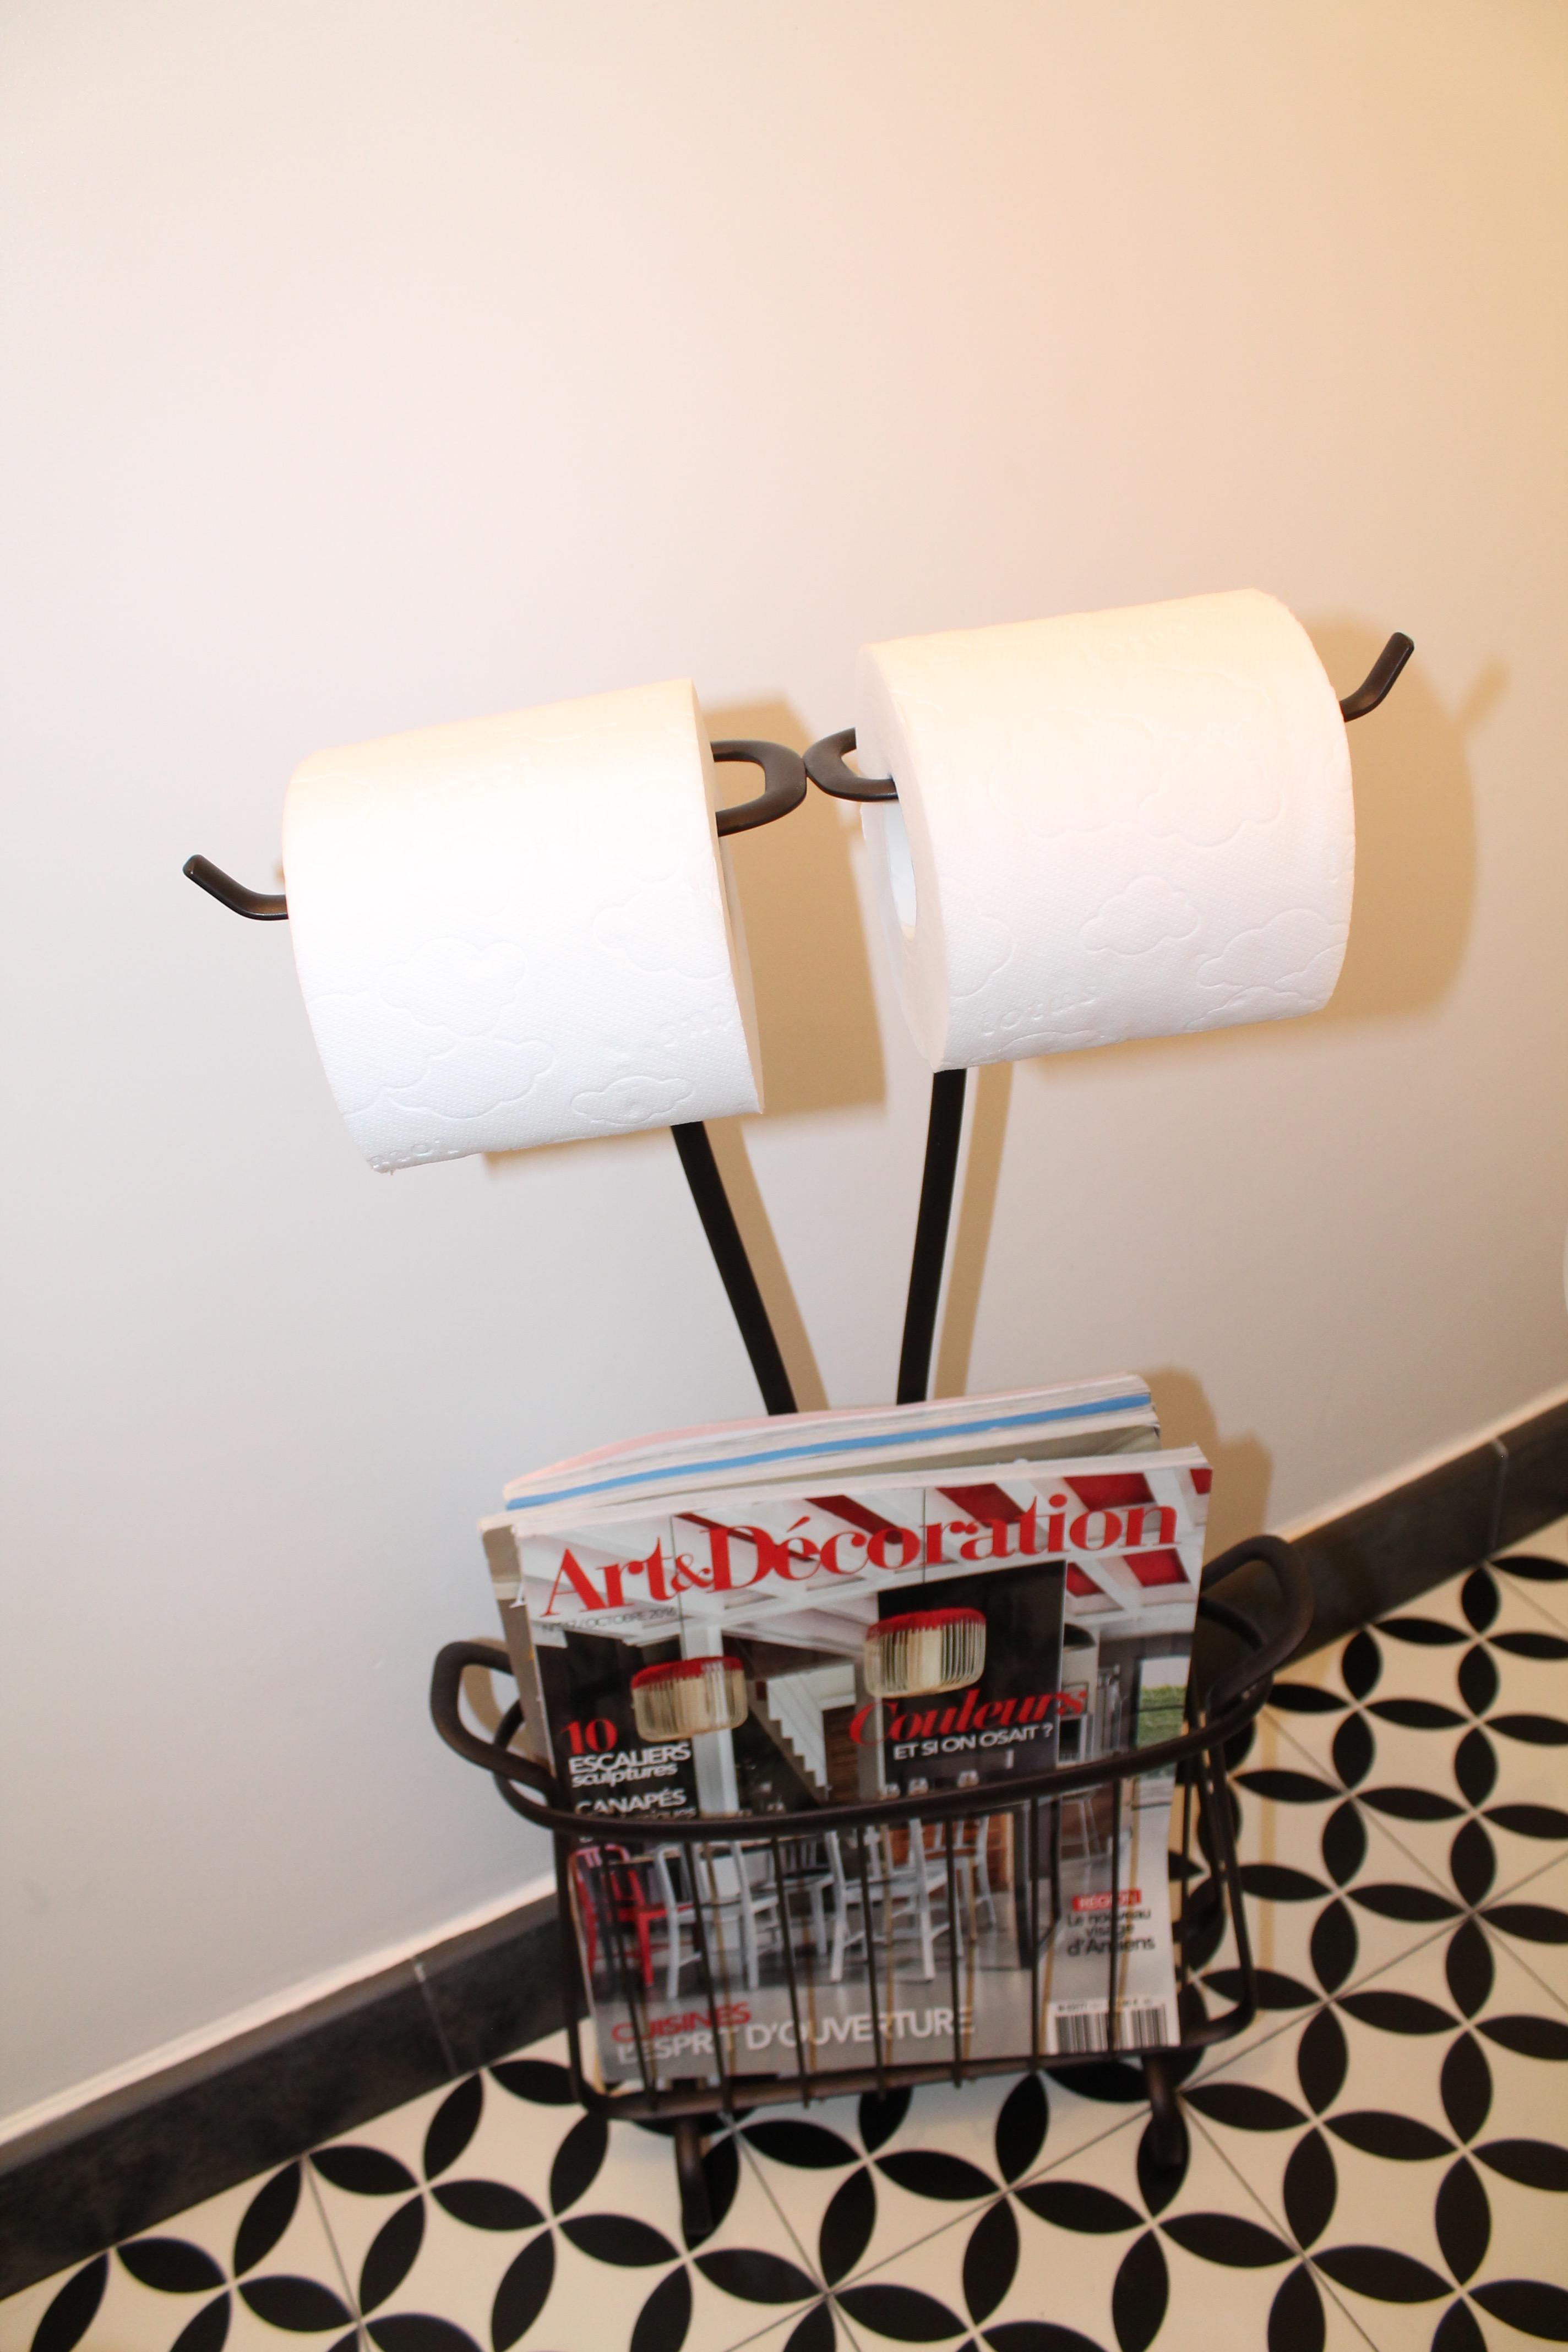 Comment Decorer Les Wc comment décorer avec style vos toilettes ?